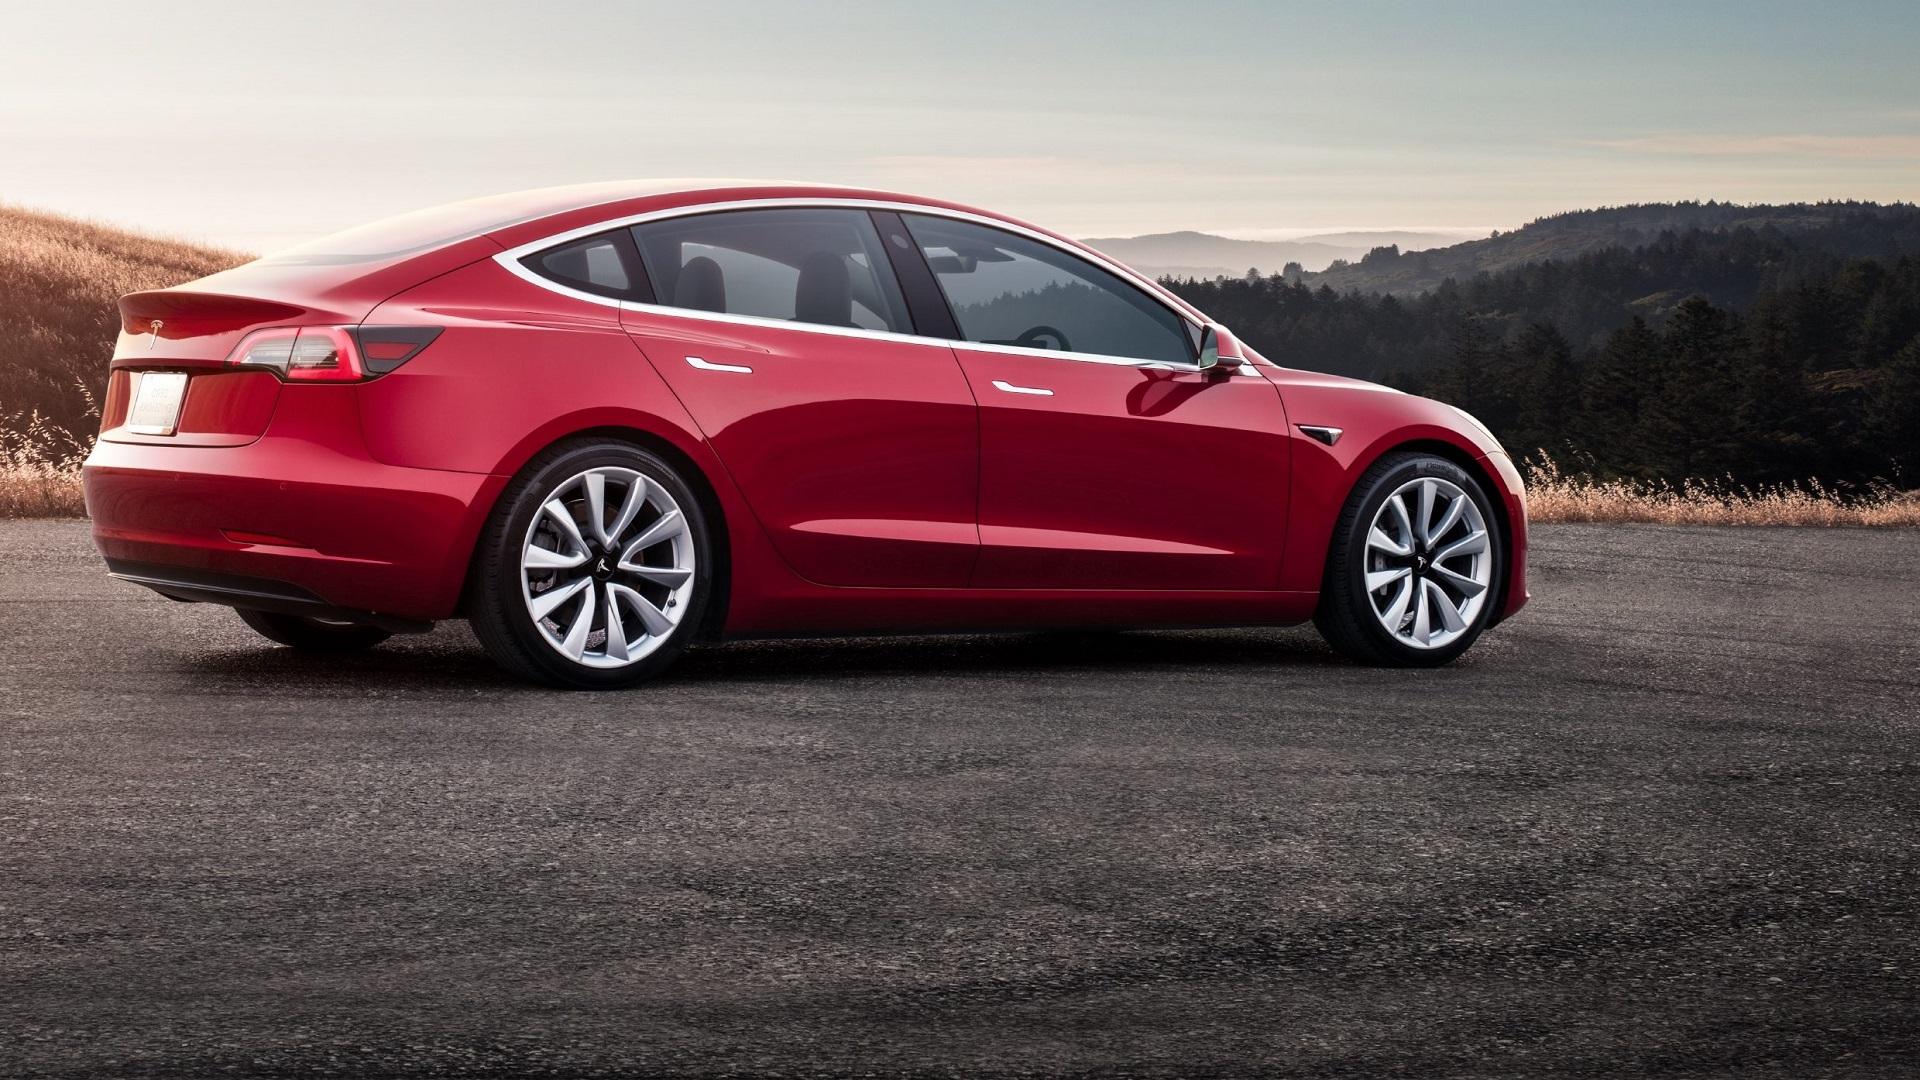 Tesla hakkas lõpuks autosid ka Eestisse müüma